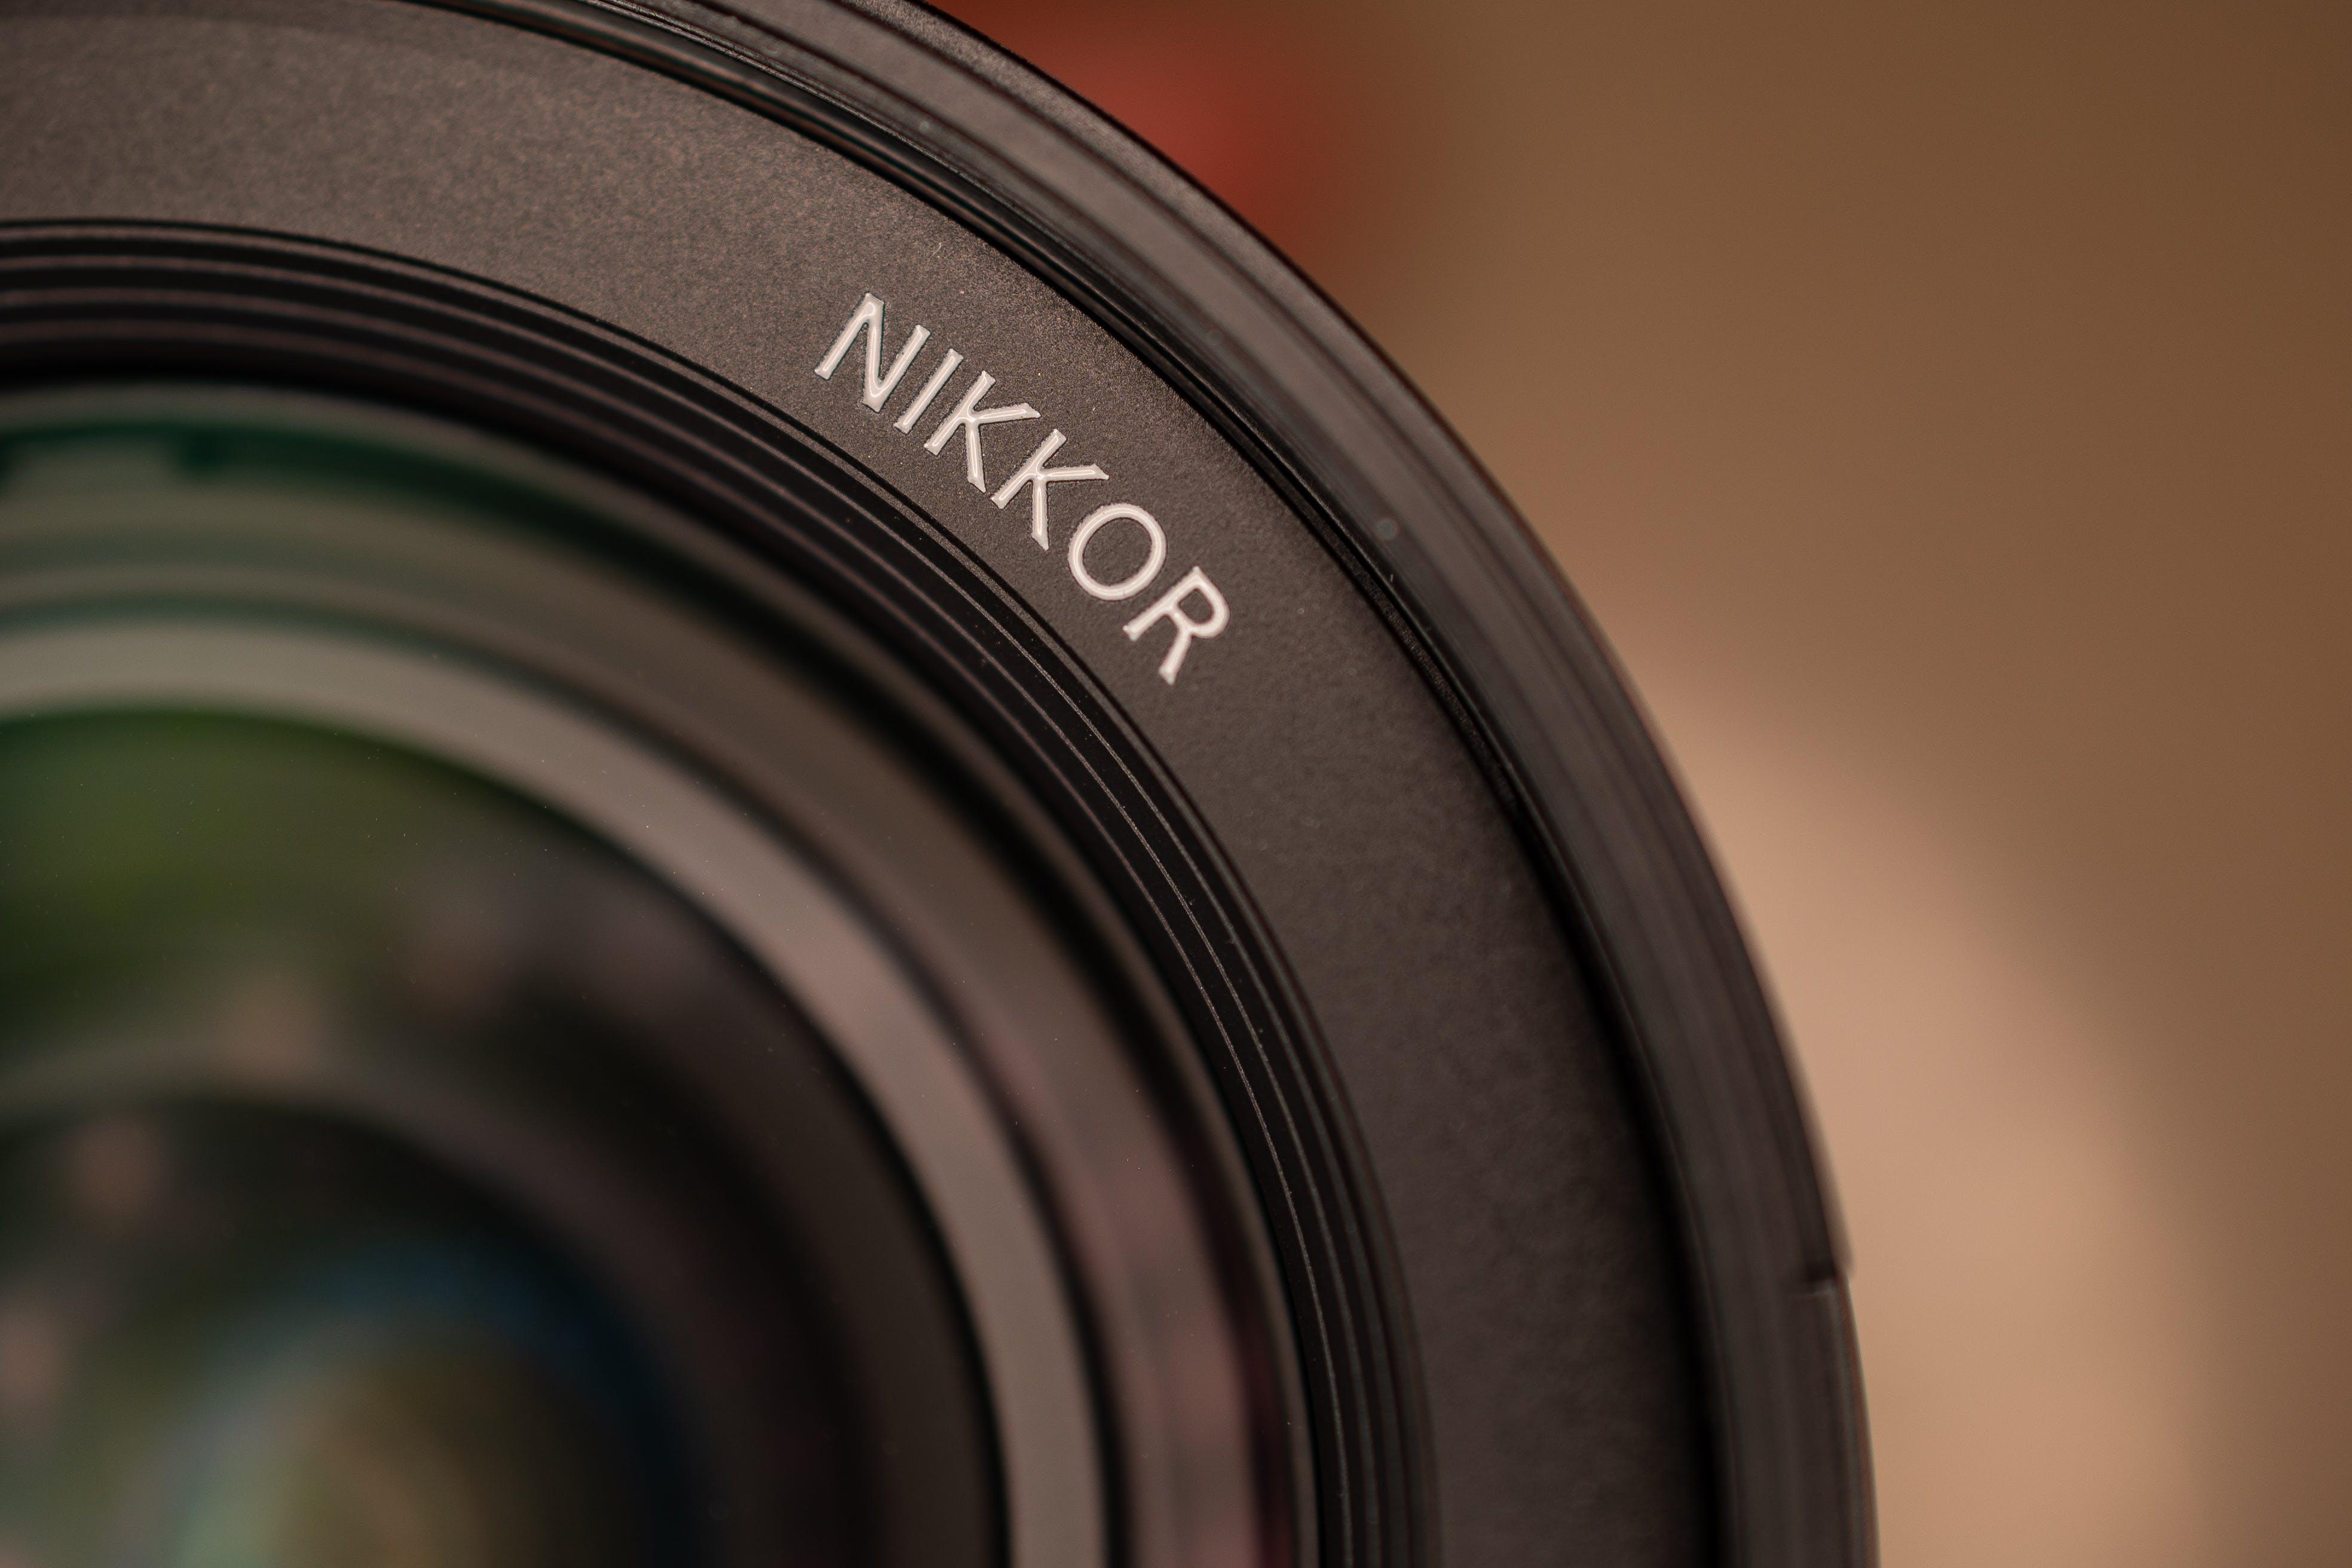 Nikkor Camera Lens